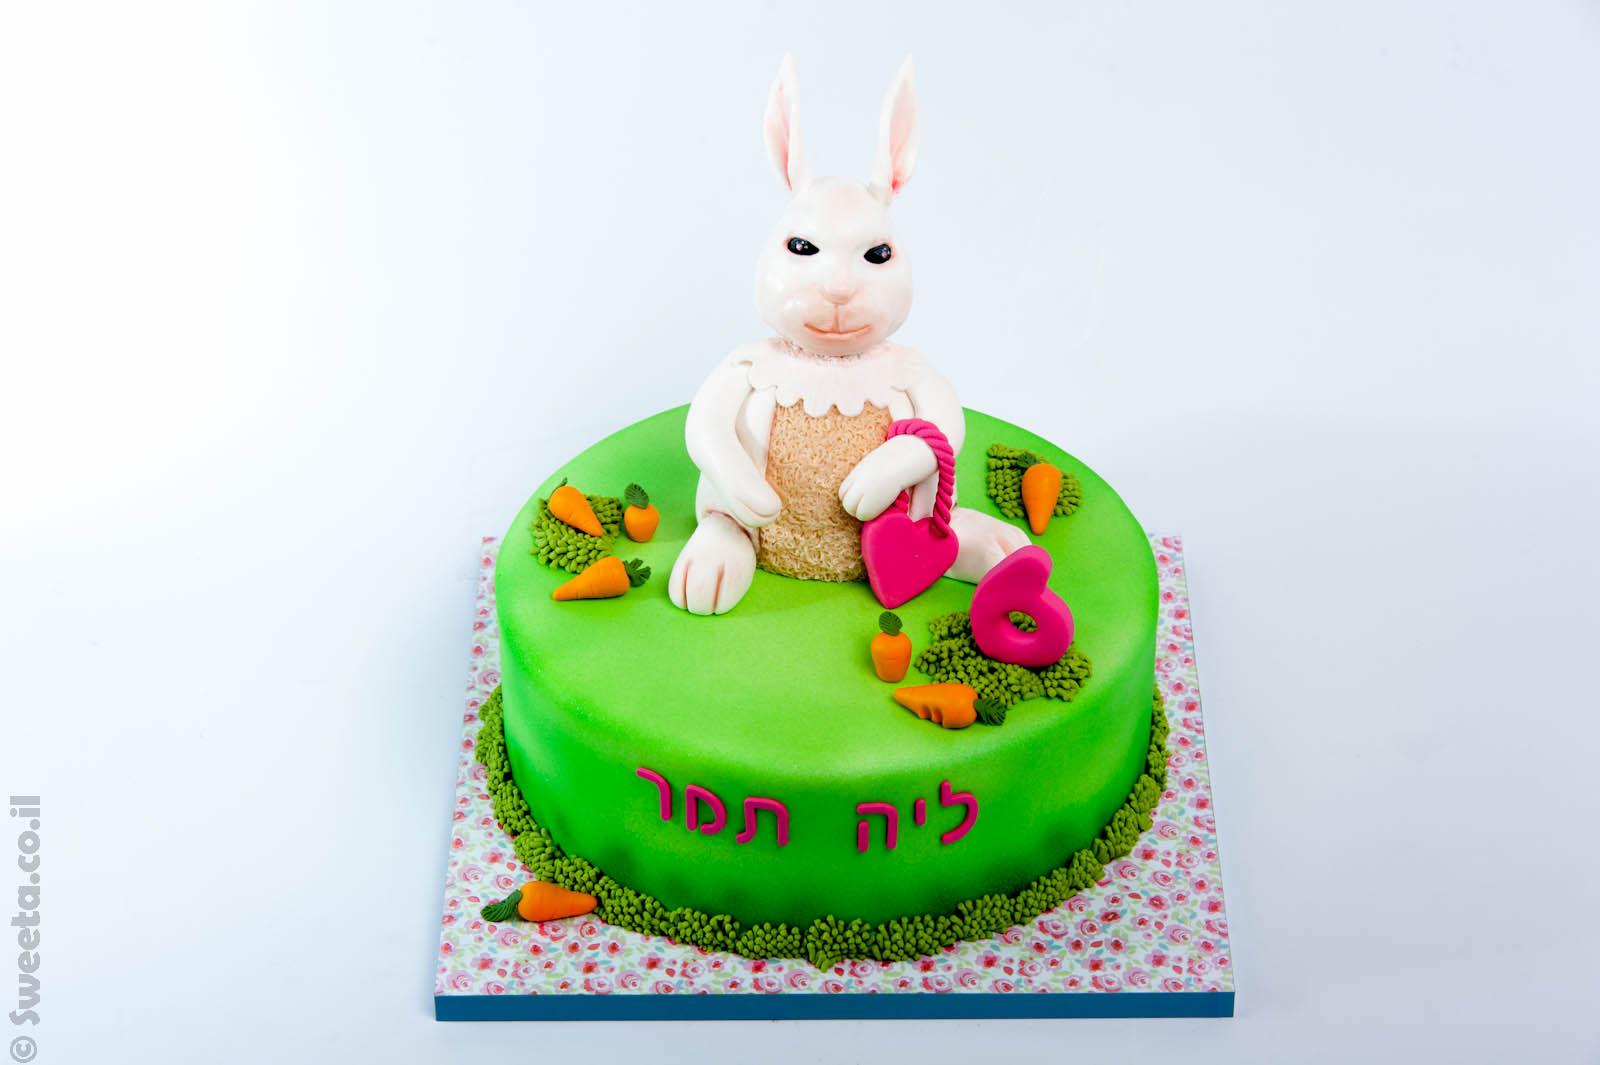 ארנבת מעוצבת בבצק סוכר על עוגה